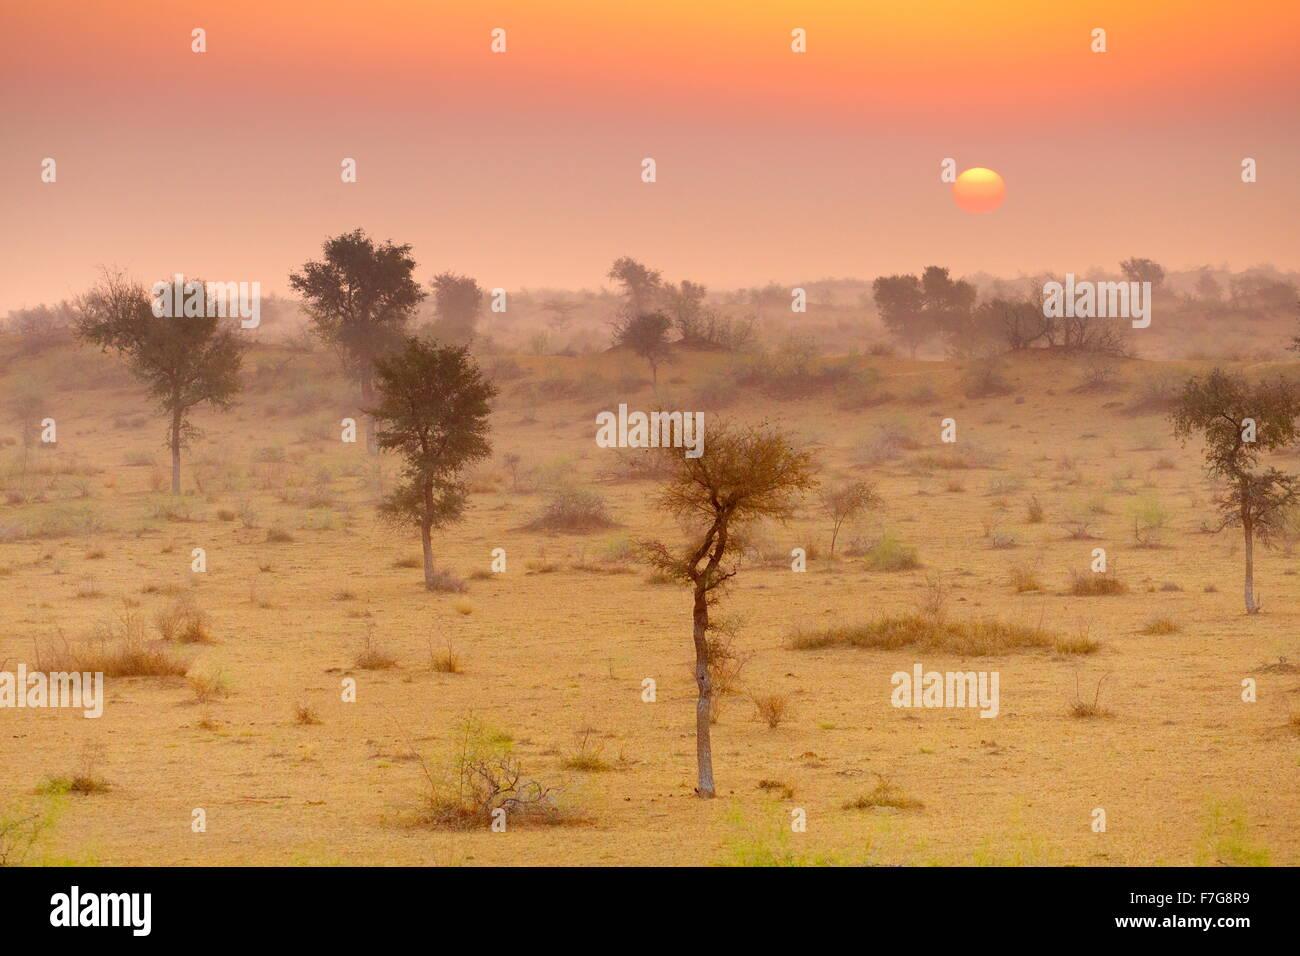 Sunrise in Thar desert near Jaisalmer, Rajasthan, India - Stock Image